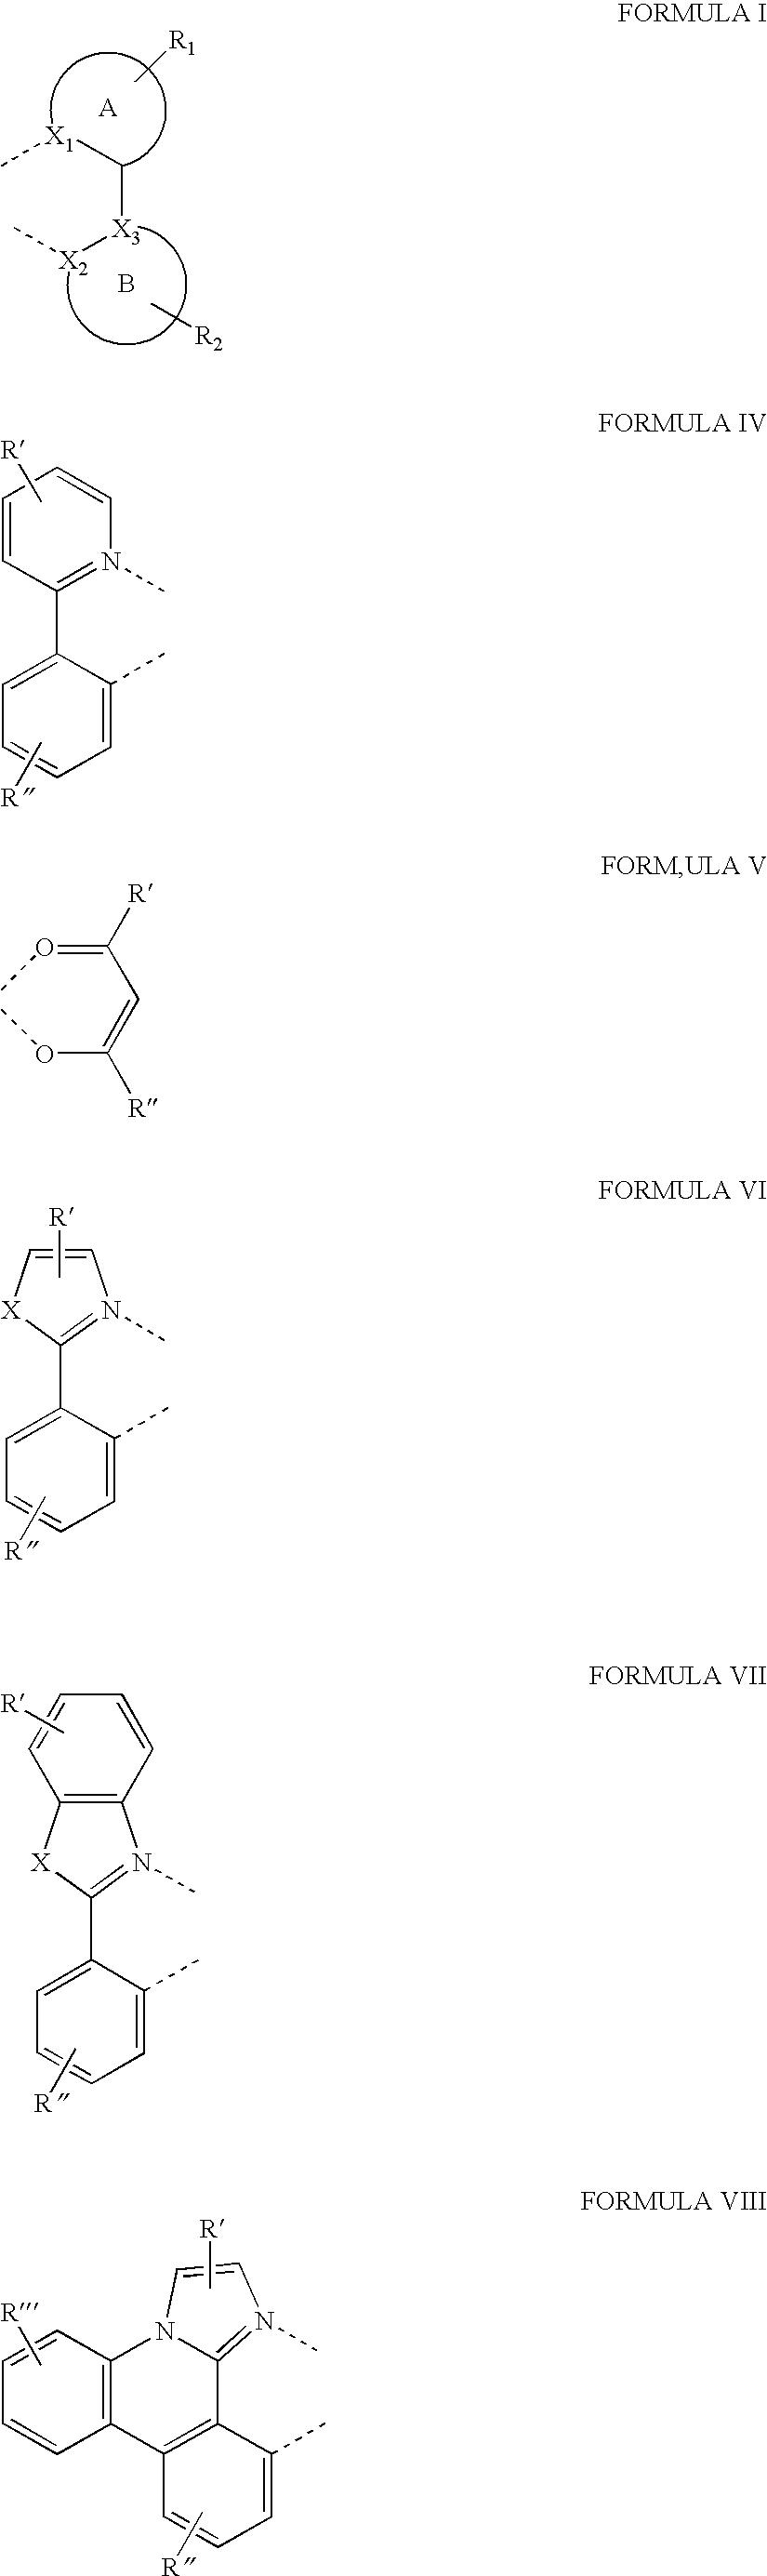 Figure US08586203-20131119-C00008